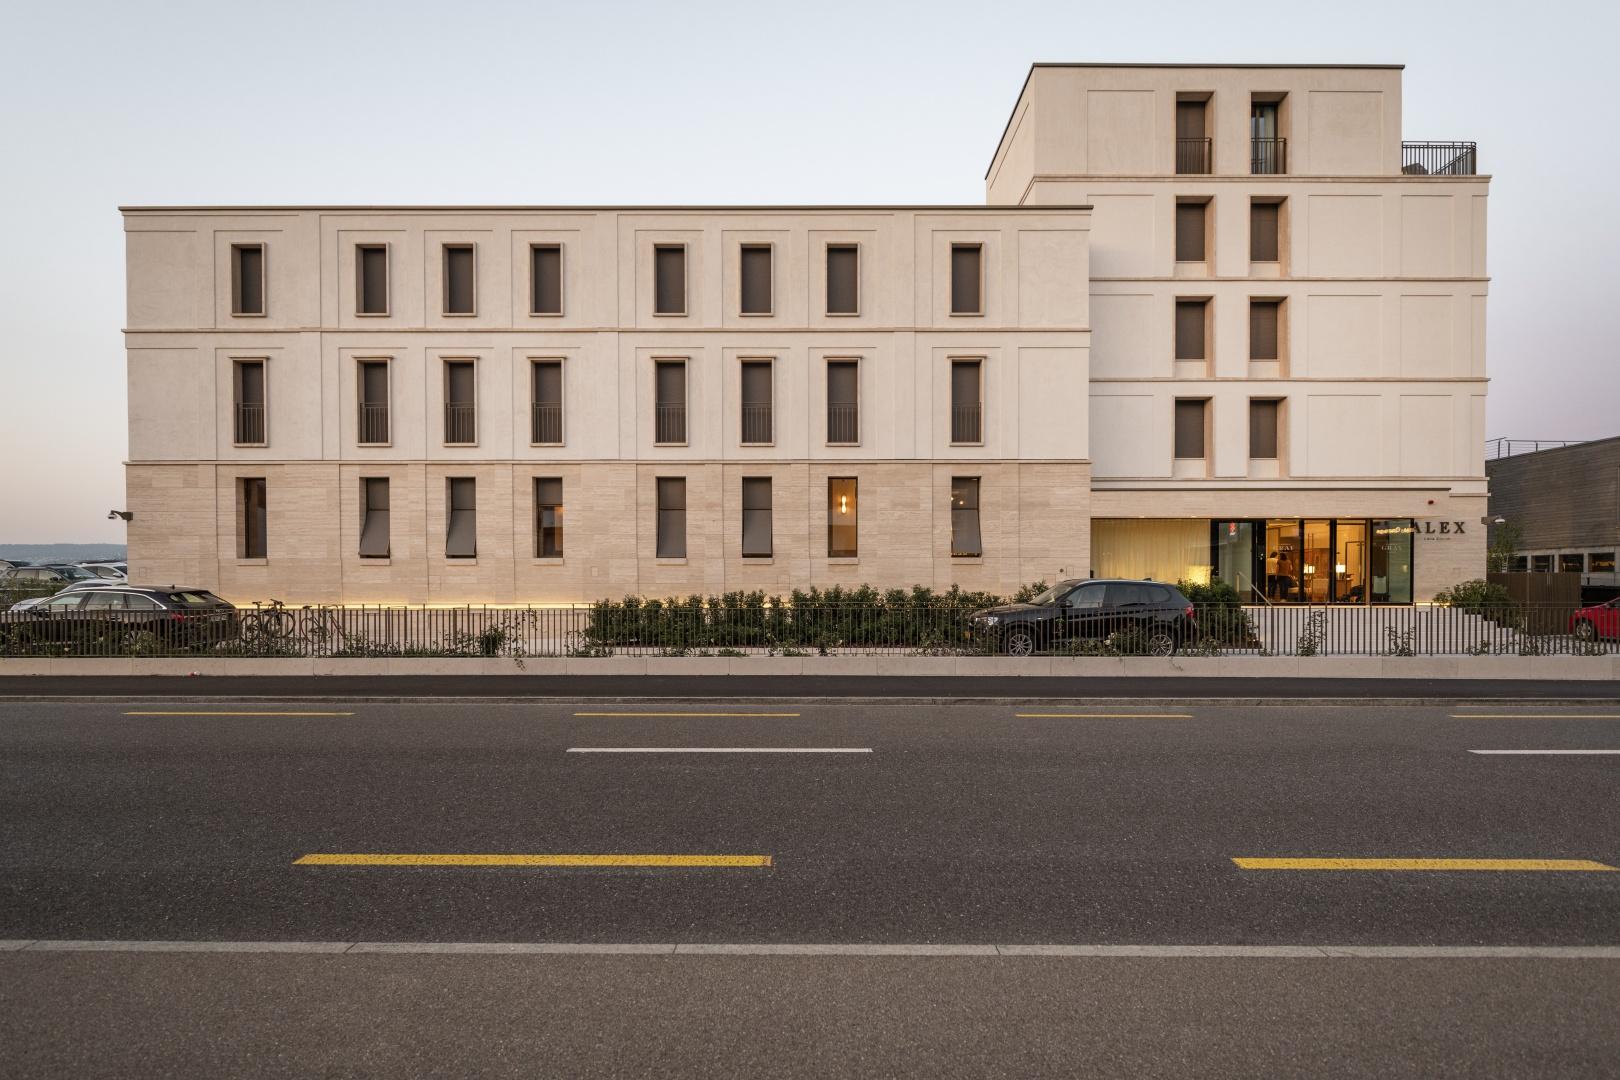 Fassade Strassenseite © Rob Lewis Photography, Wasserwerkgasse 29, 3011 Bern